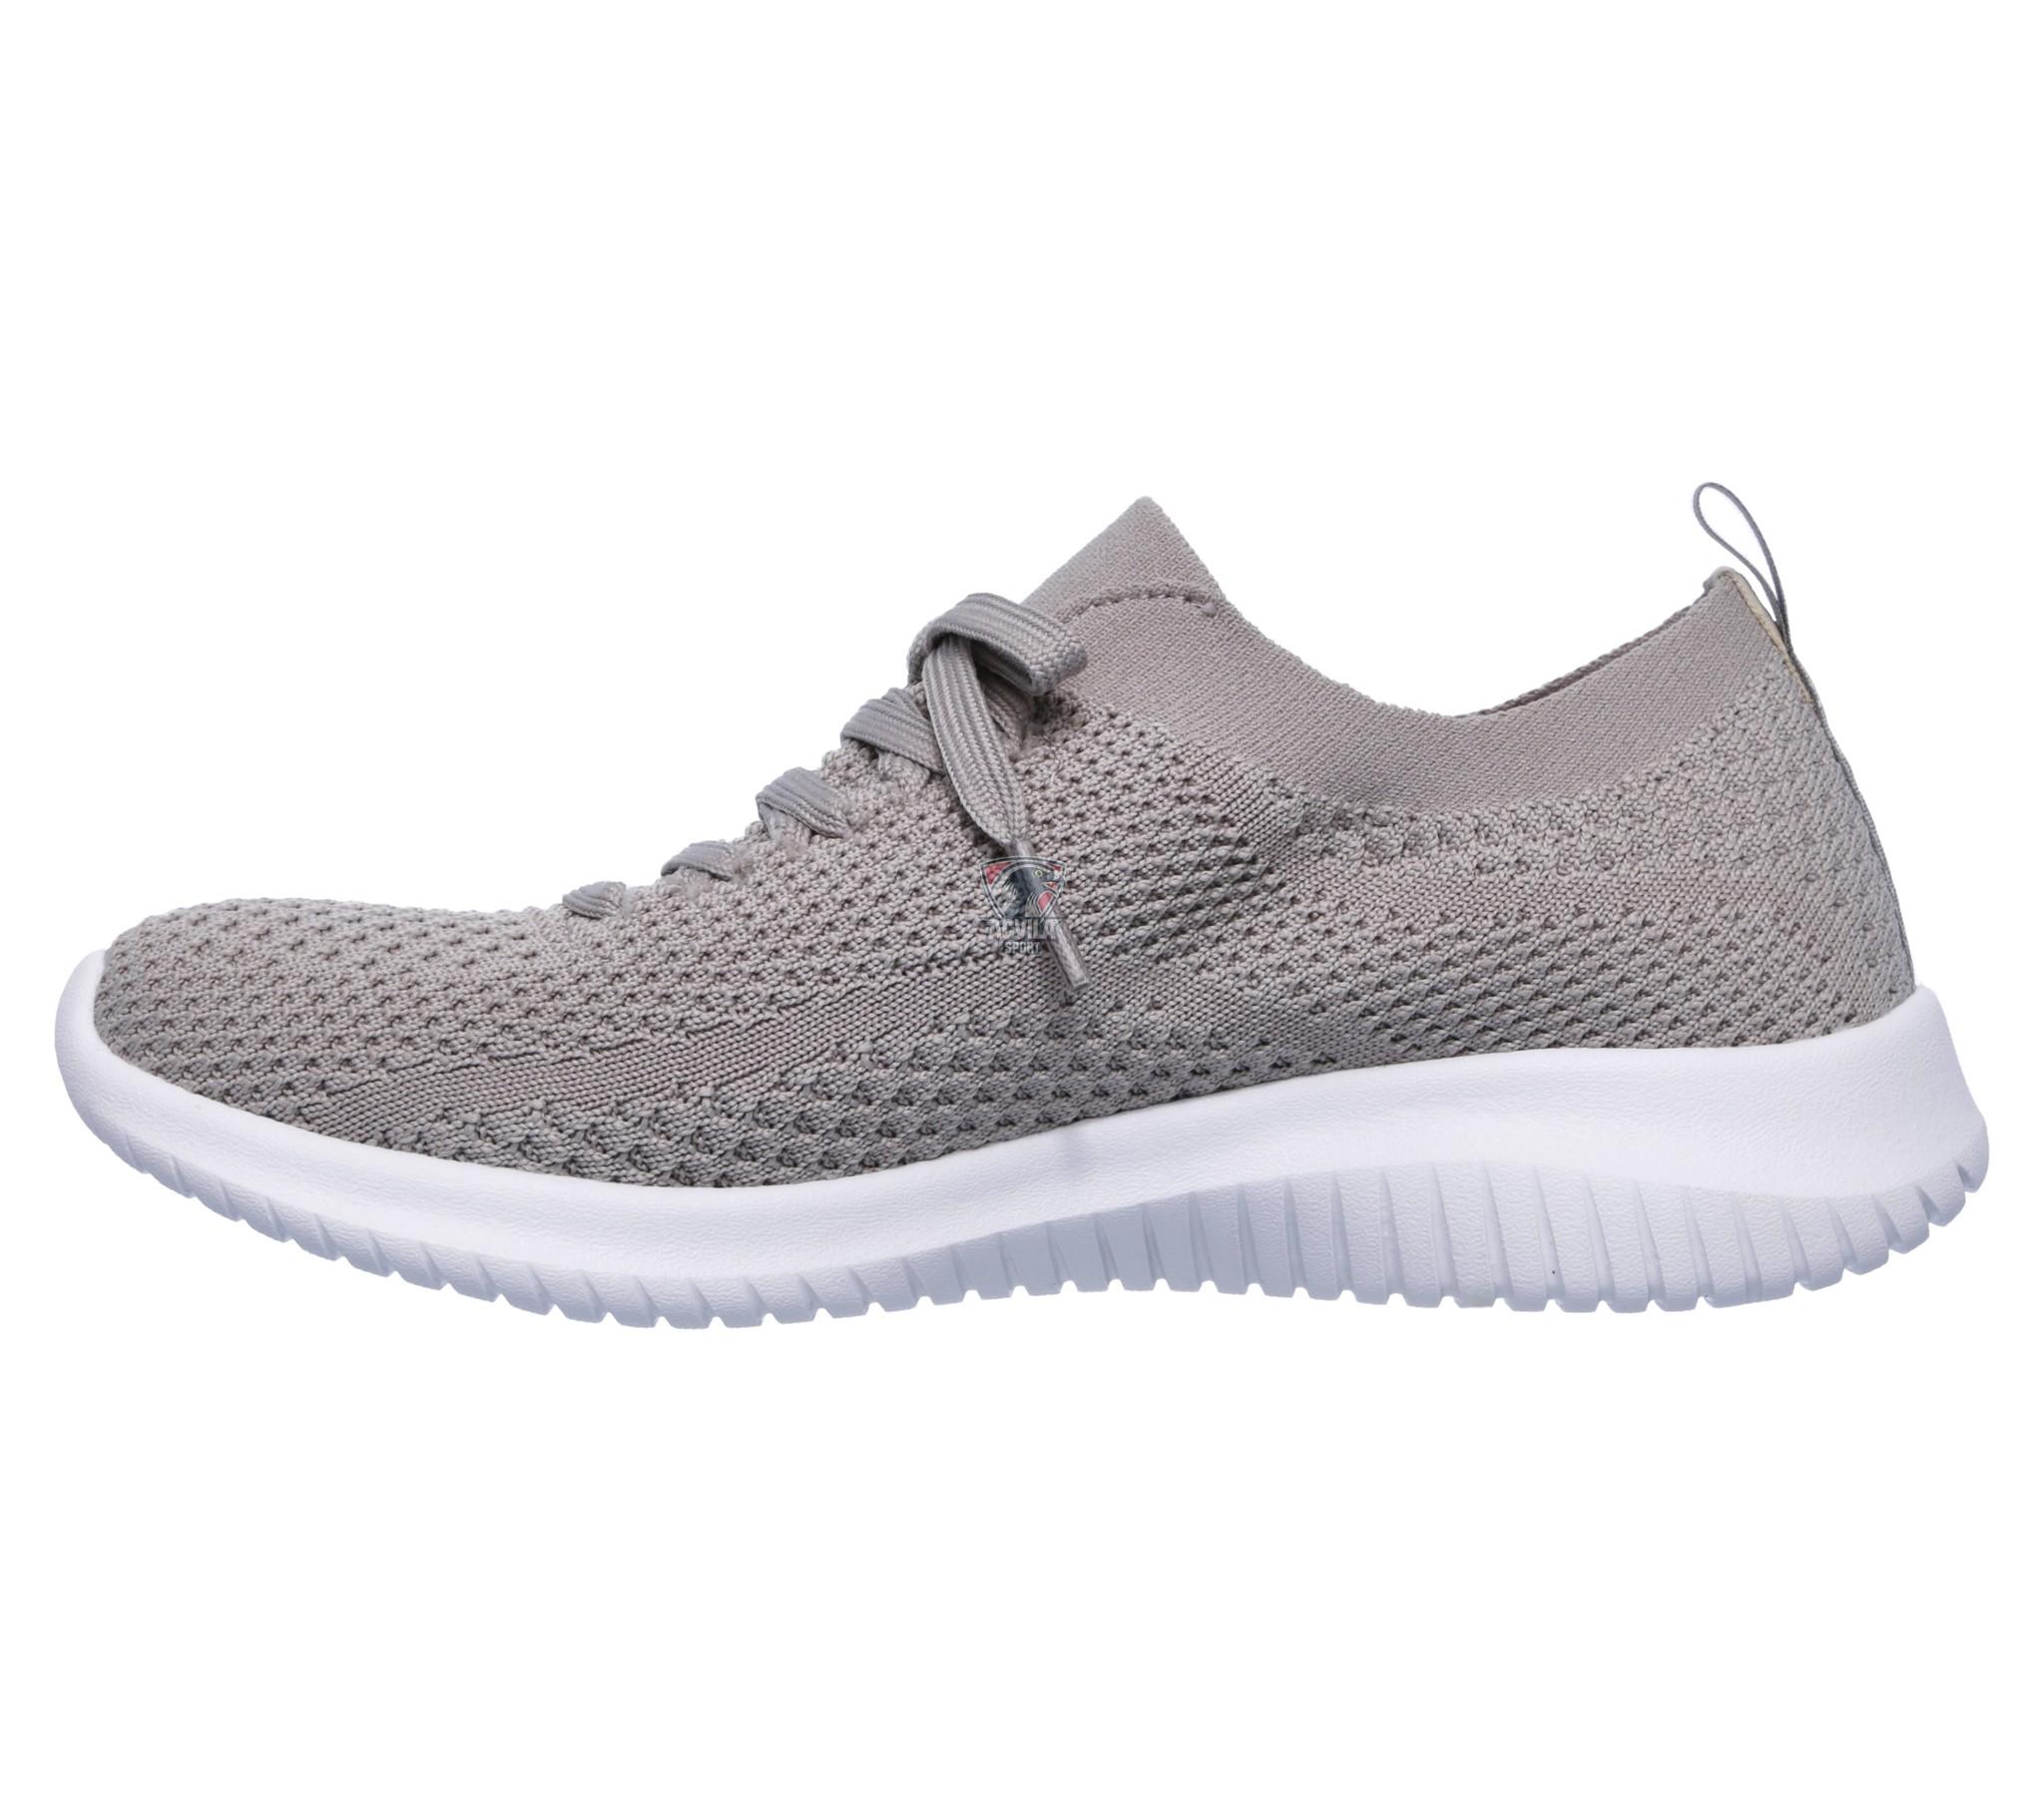 photo 7 Женская обувь SKECHERS ULTRA FLEX STATEMENTS